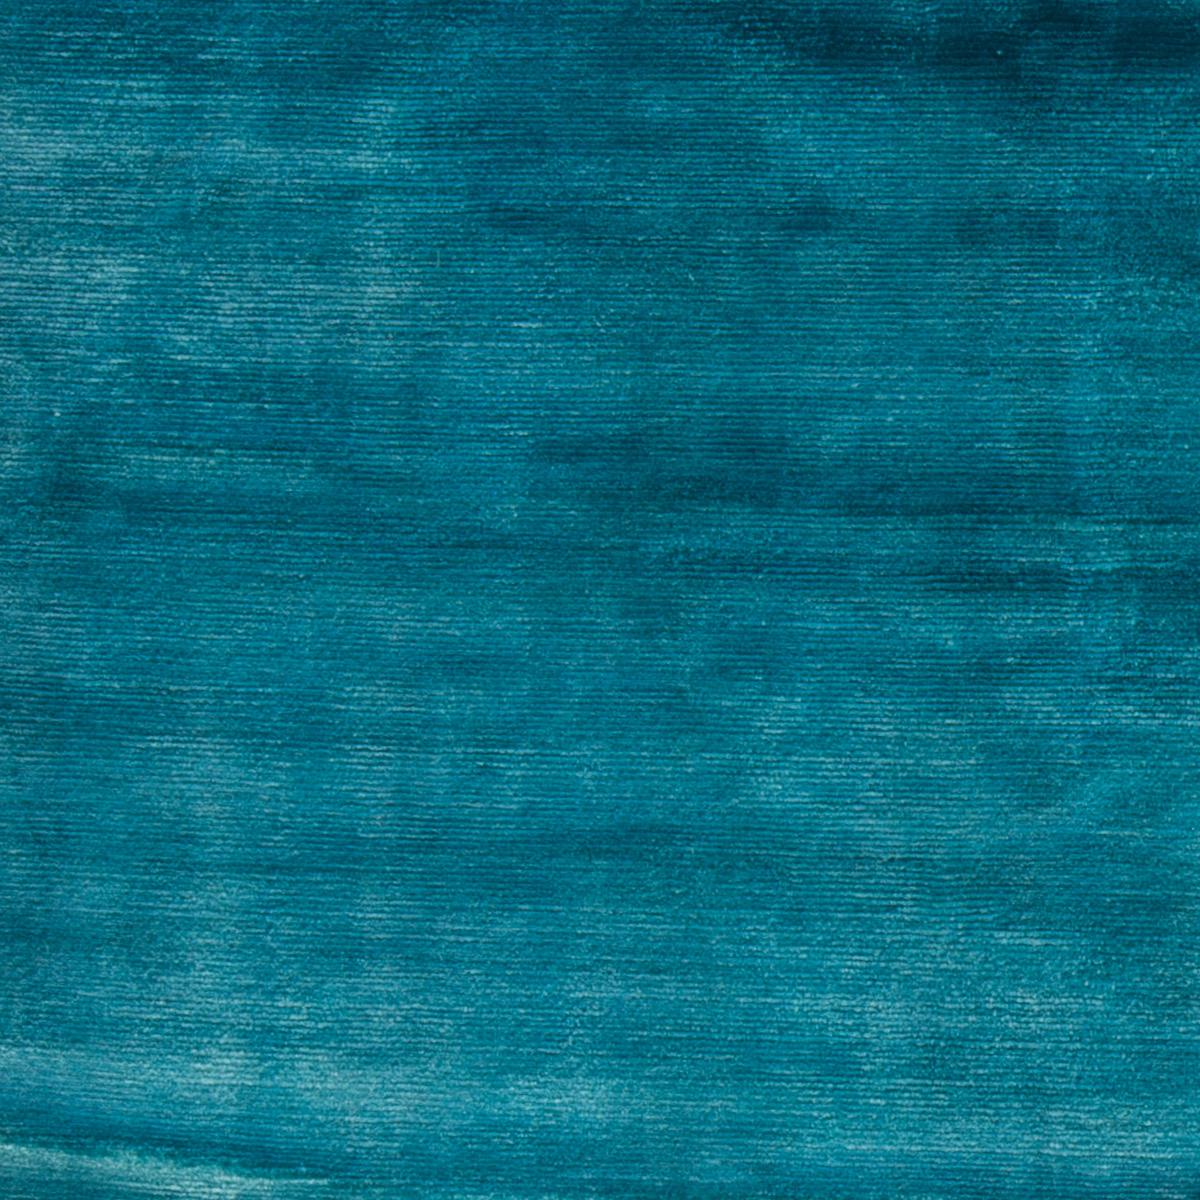 Teal Blue N10261S